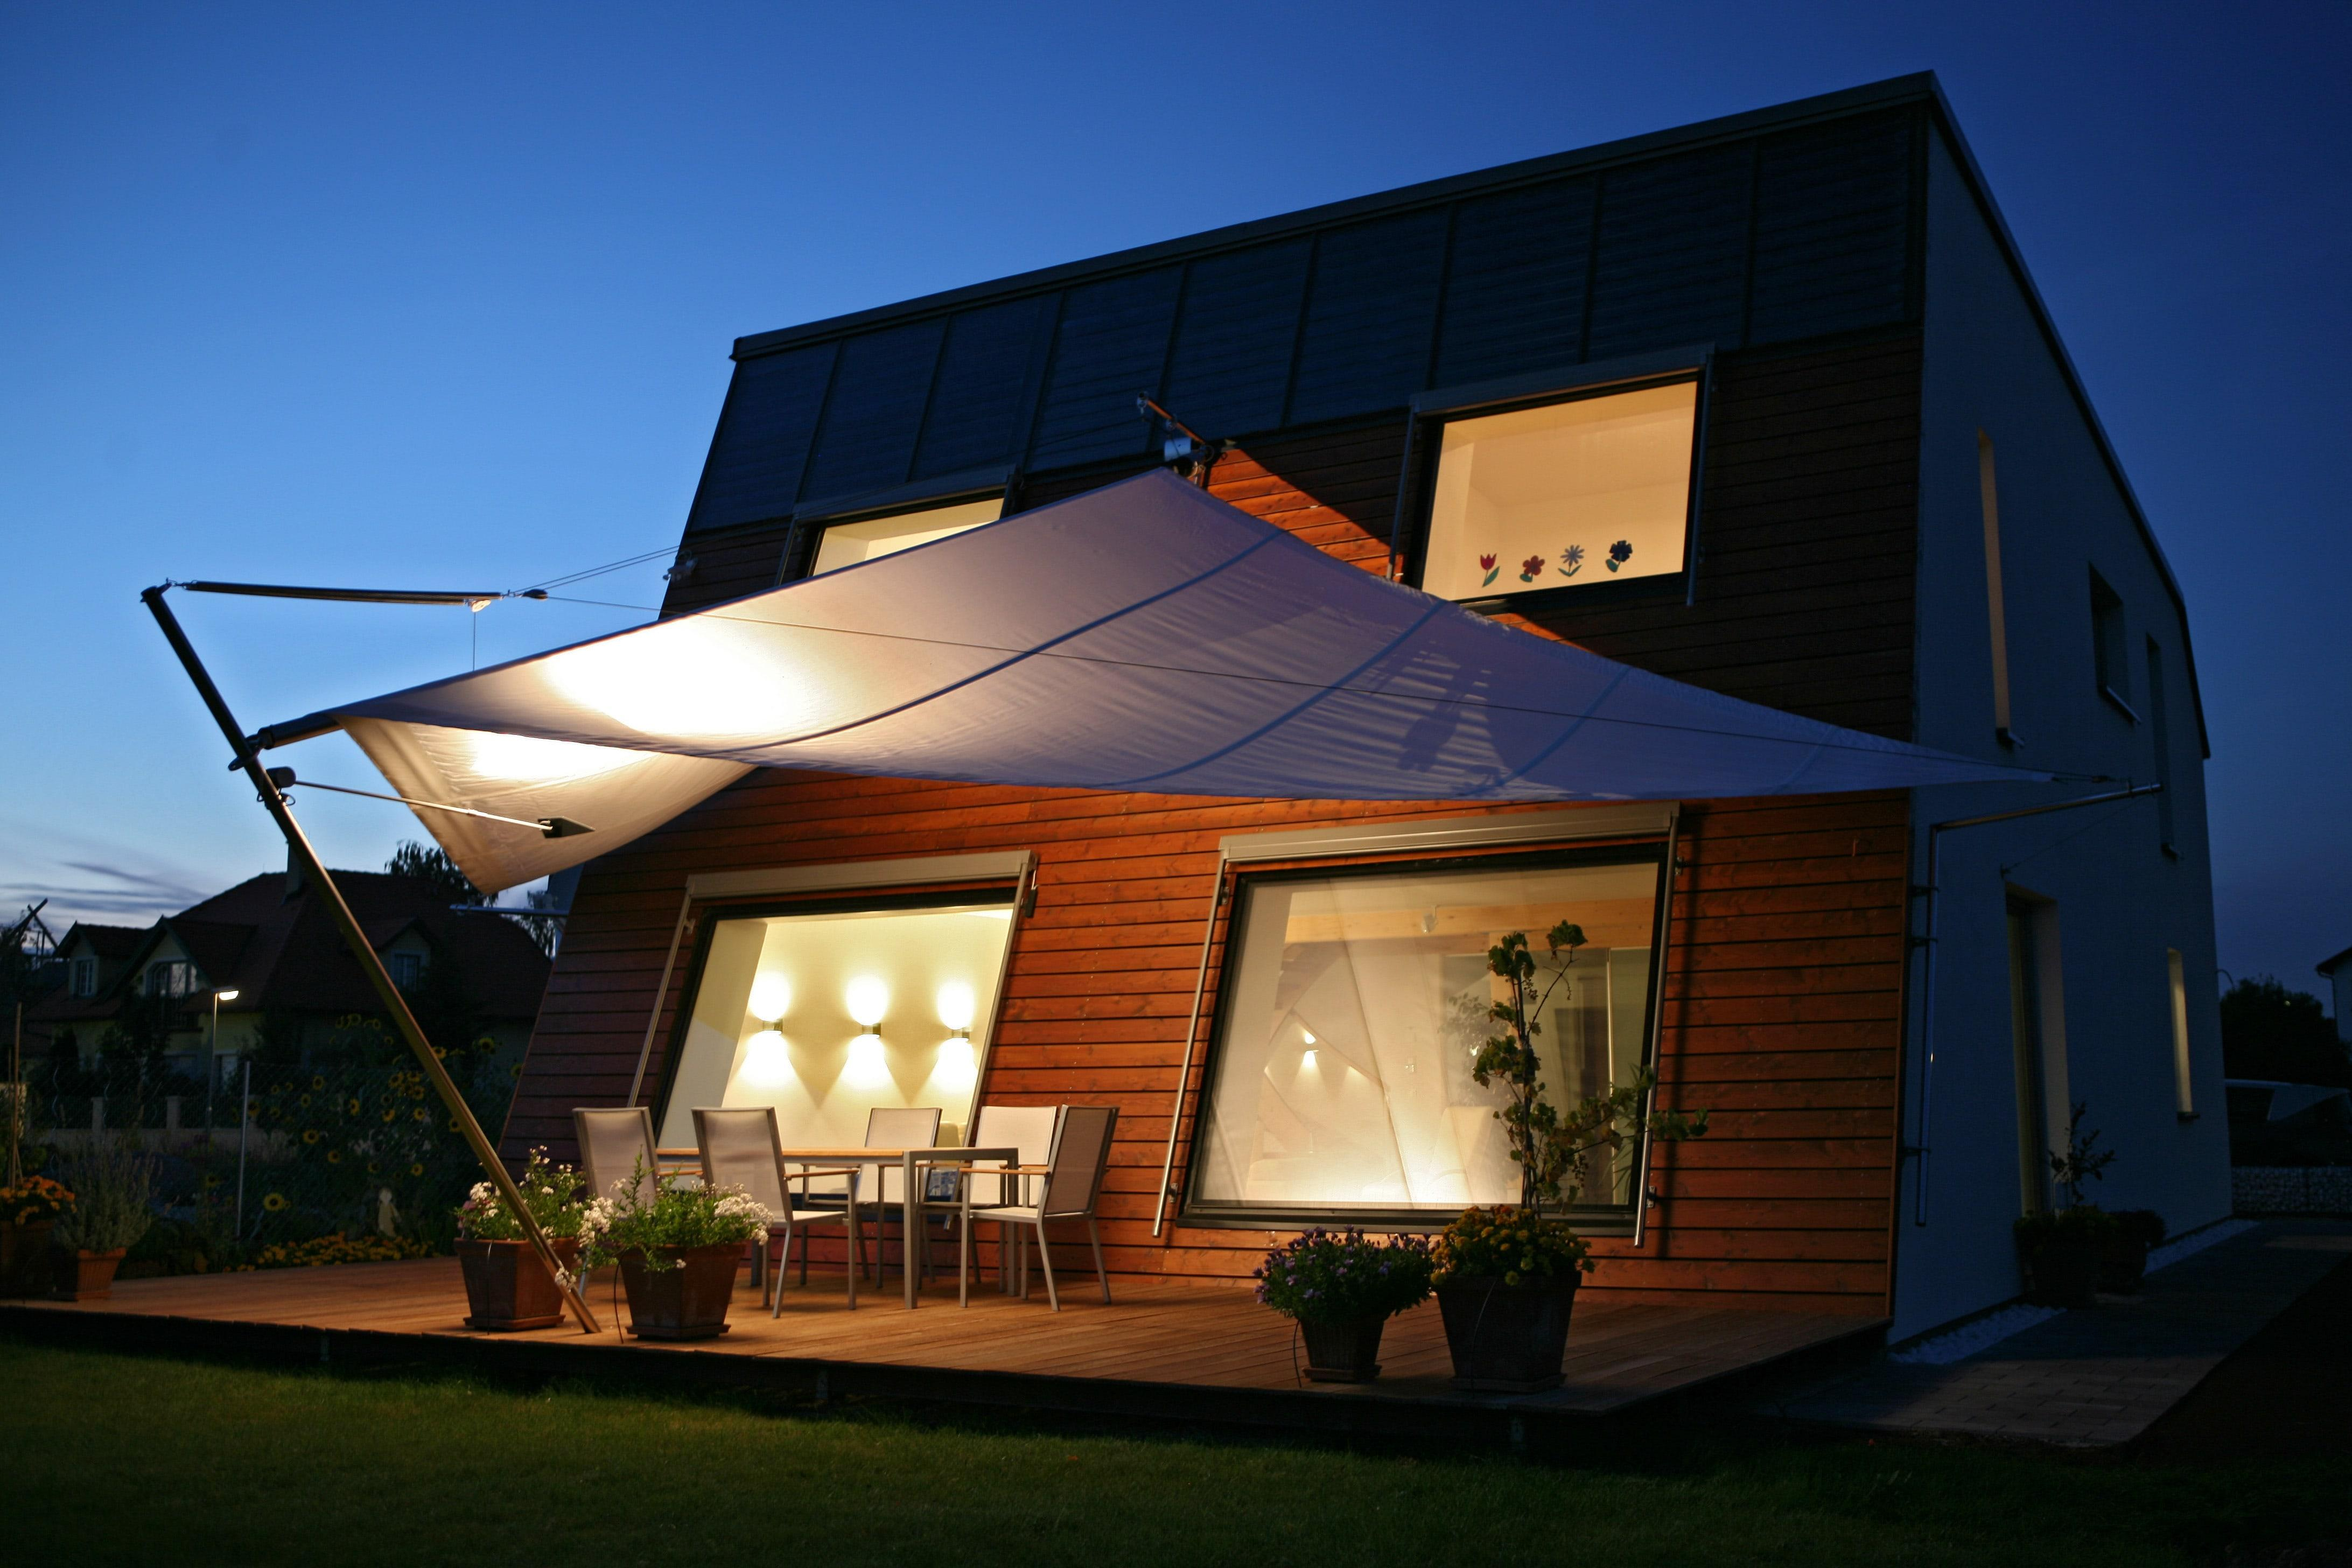 sonnensegel stilvoll vor sonnenstrahlen sch tzen. Black Bedroom Furniture Sets. Home Design Ideas